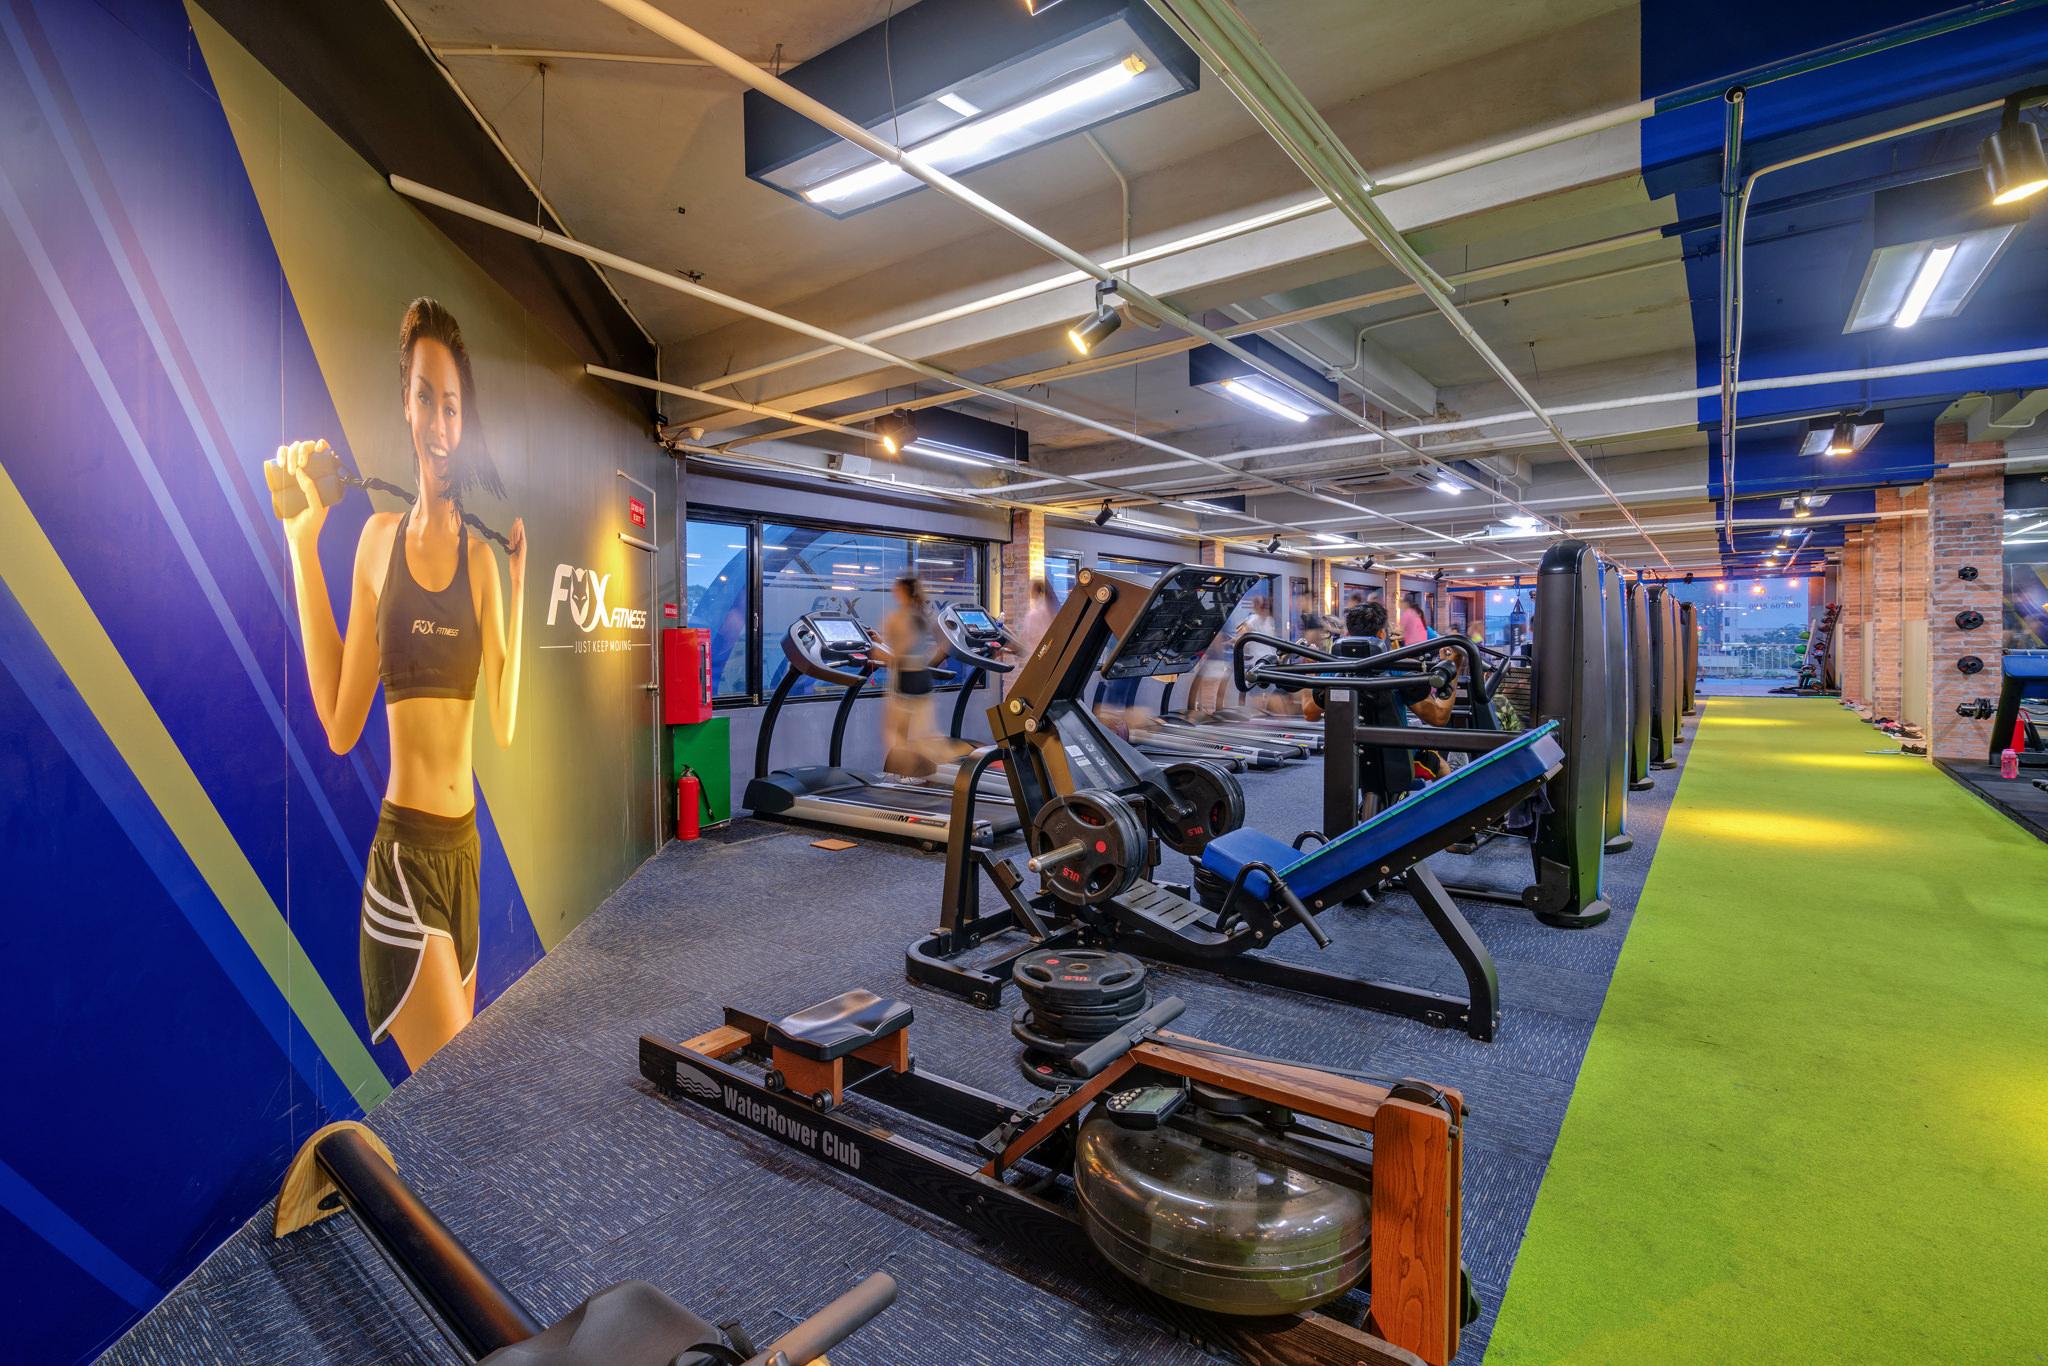 20180504 - Fox fitness - Interior - 34.jpg